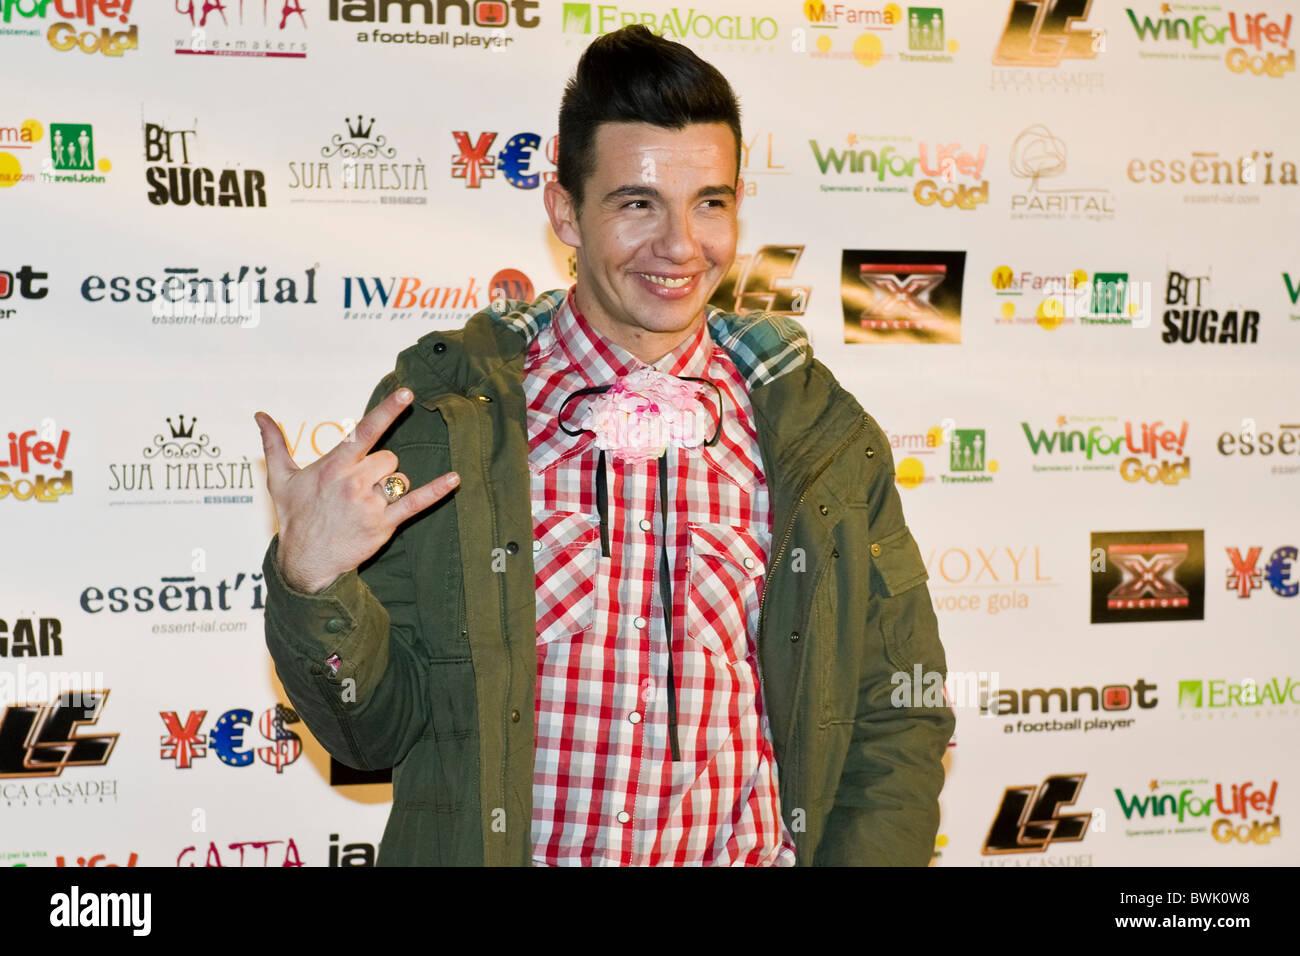 DJ Diego Passoni, X Factor Red Carpet, Milan 2010 - Stock Image